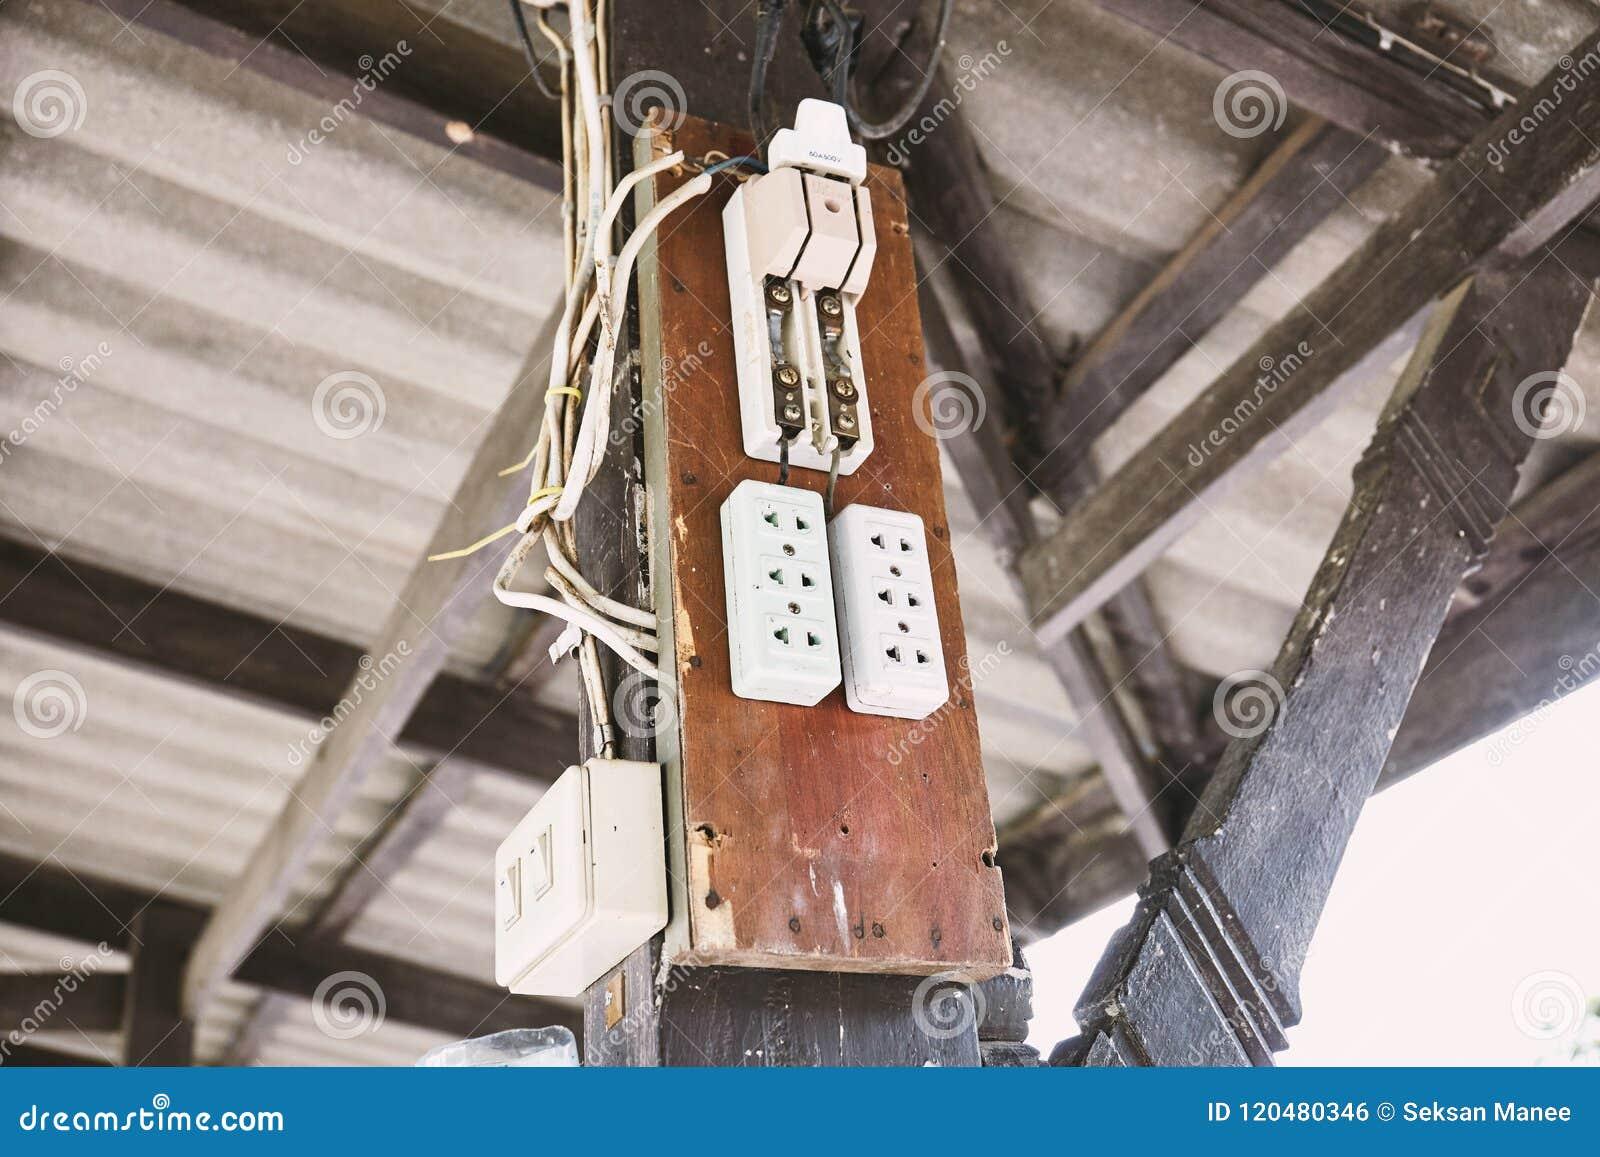 Παλαιά ηλεκτρικά βουλώματα εξόδου διακοπτών δύναμης μετατροπής και εναλλασσόμενου ρεύματος στον ξύλινο πίνακα